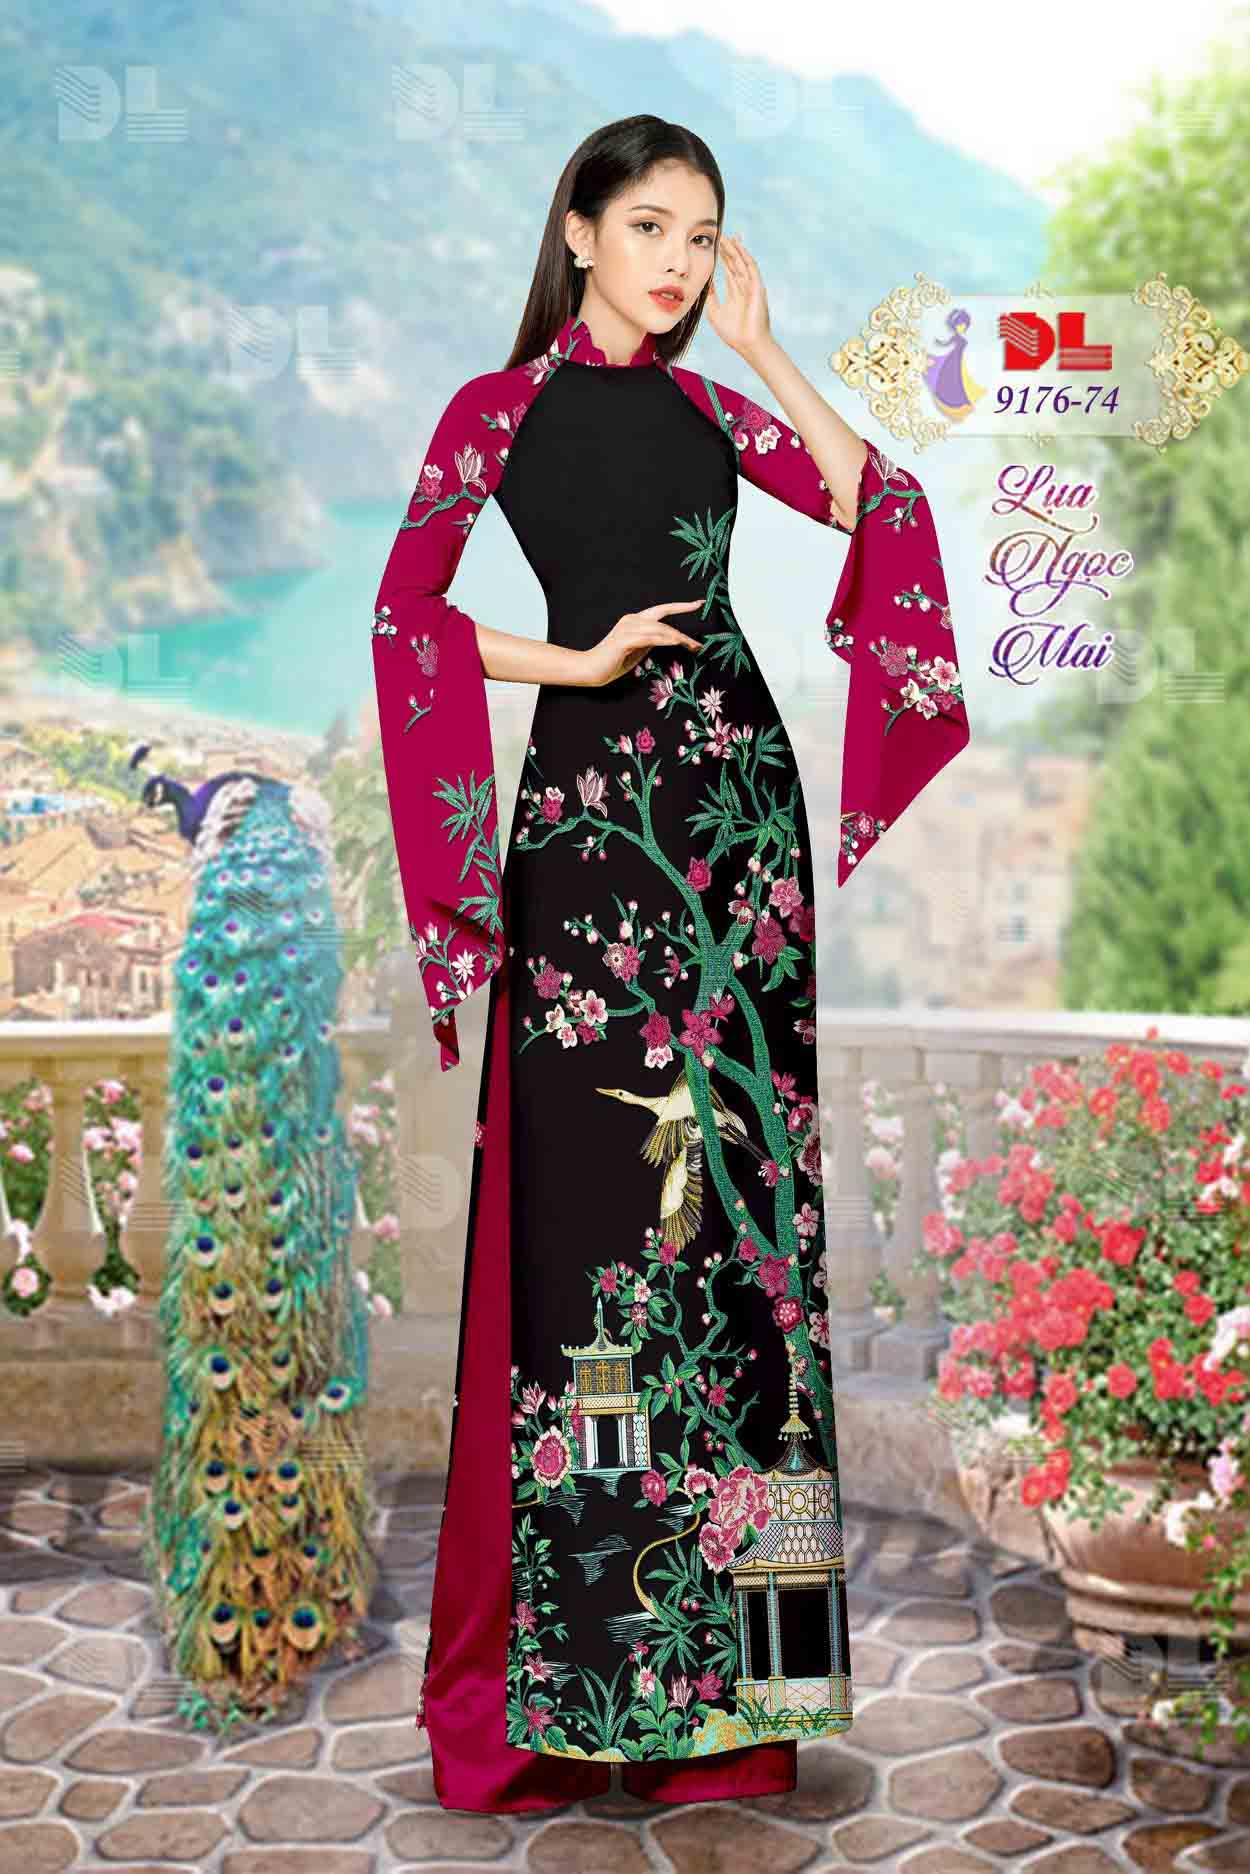 Vải Áo Dài Phong Cảnh AD 9176 50